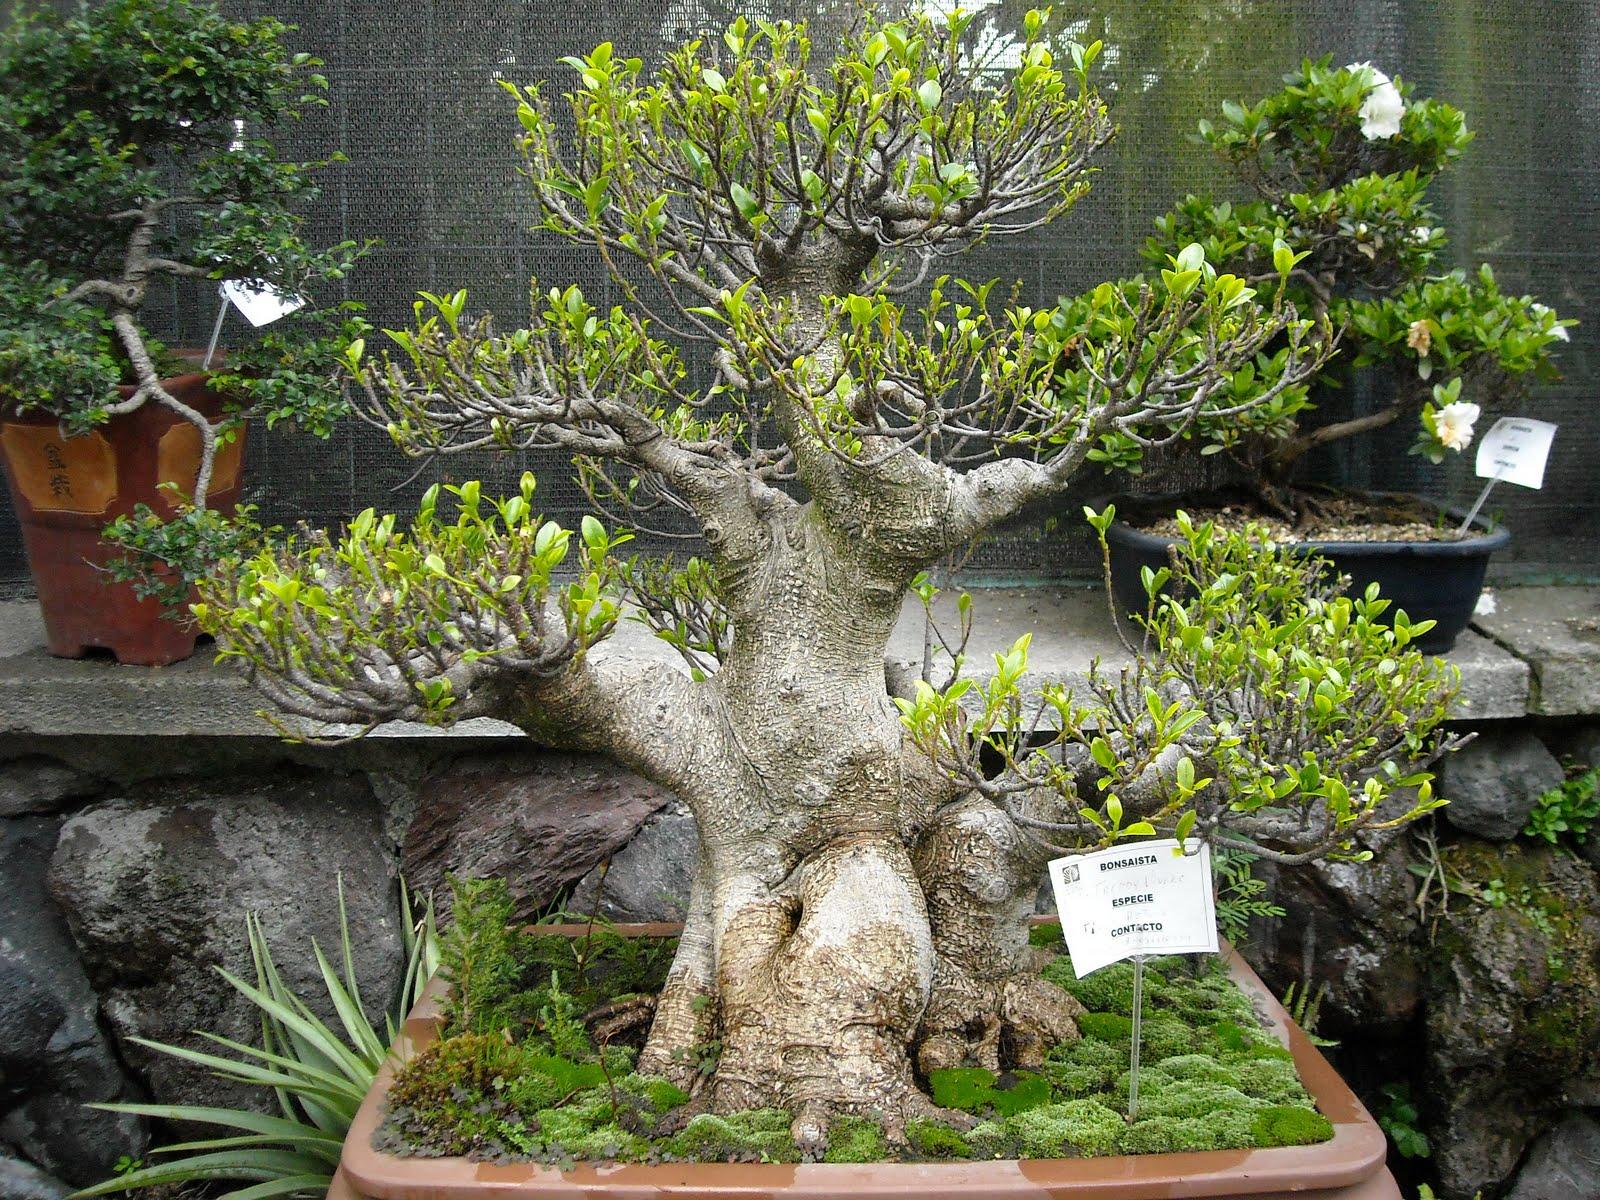 Las locas por el mundo exposici n de bonsais en el jard n - Jardin de bonsais ...